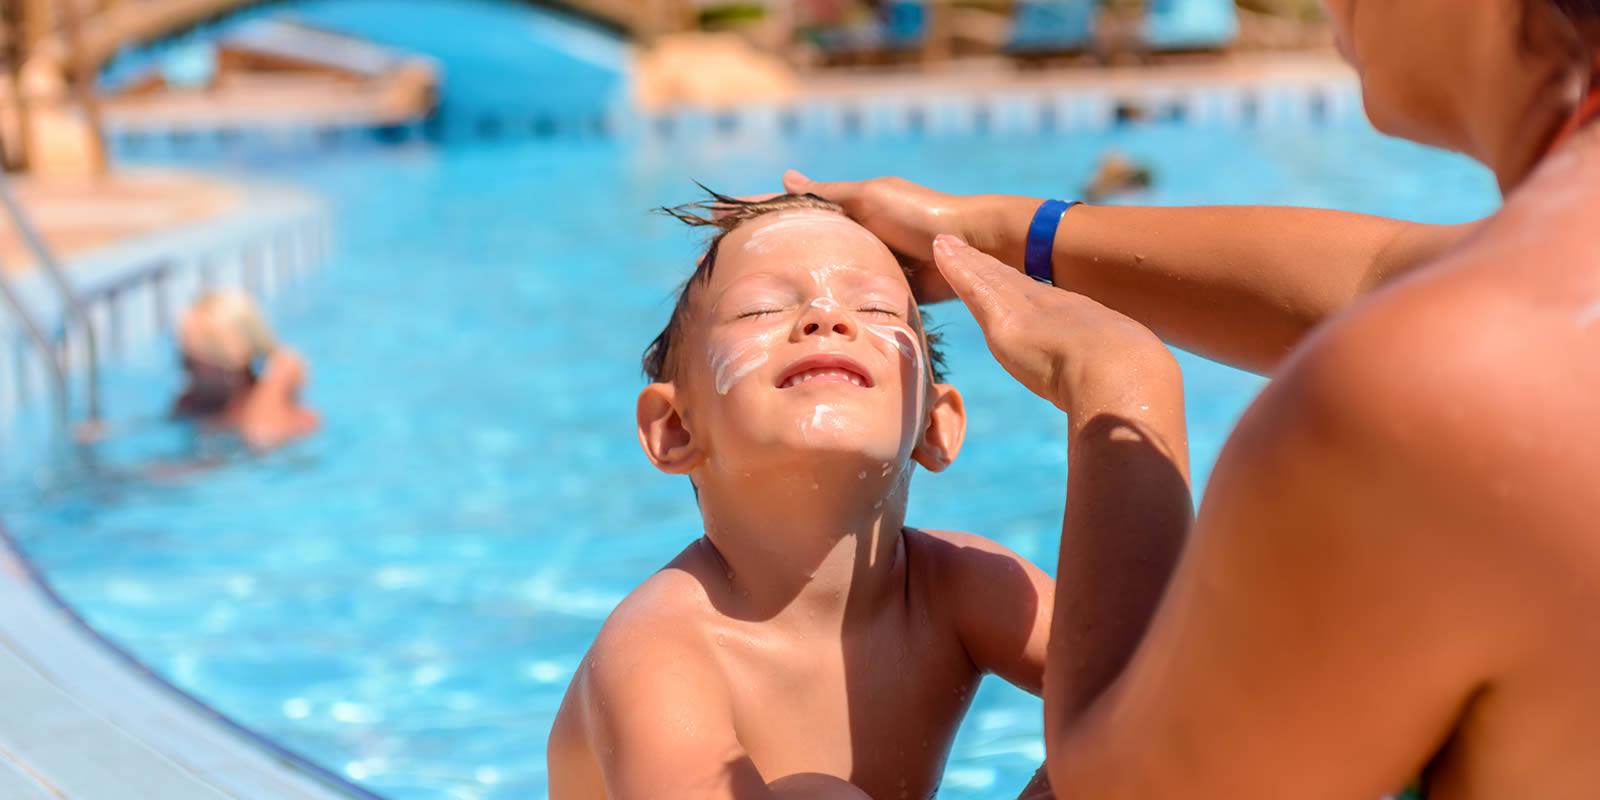 Mit Sonnencreme Lichtschutzfaktor 50 richtig braun werden